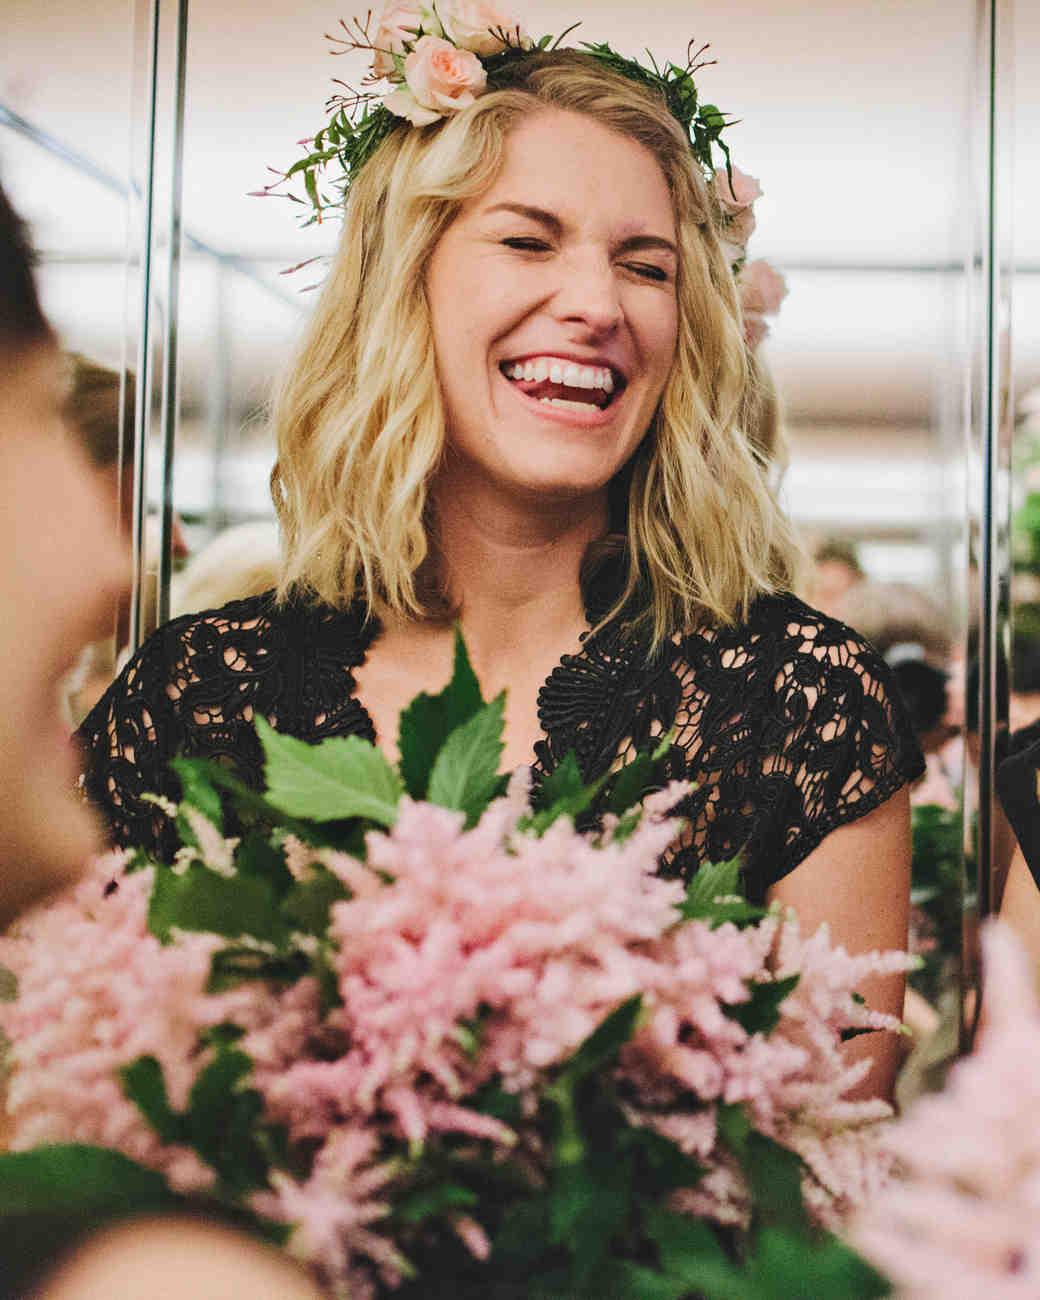 tina-raul-wedding-bridesmaids-0314.jpg